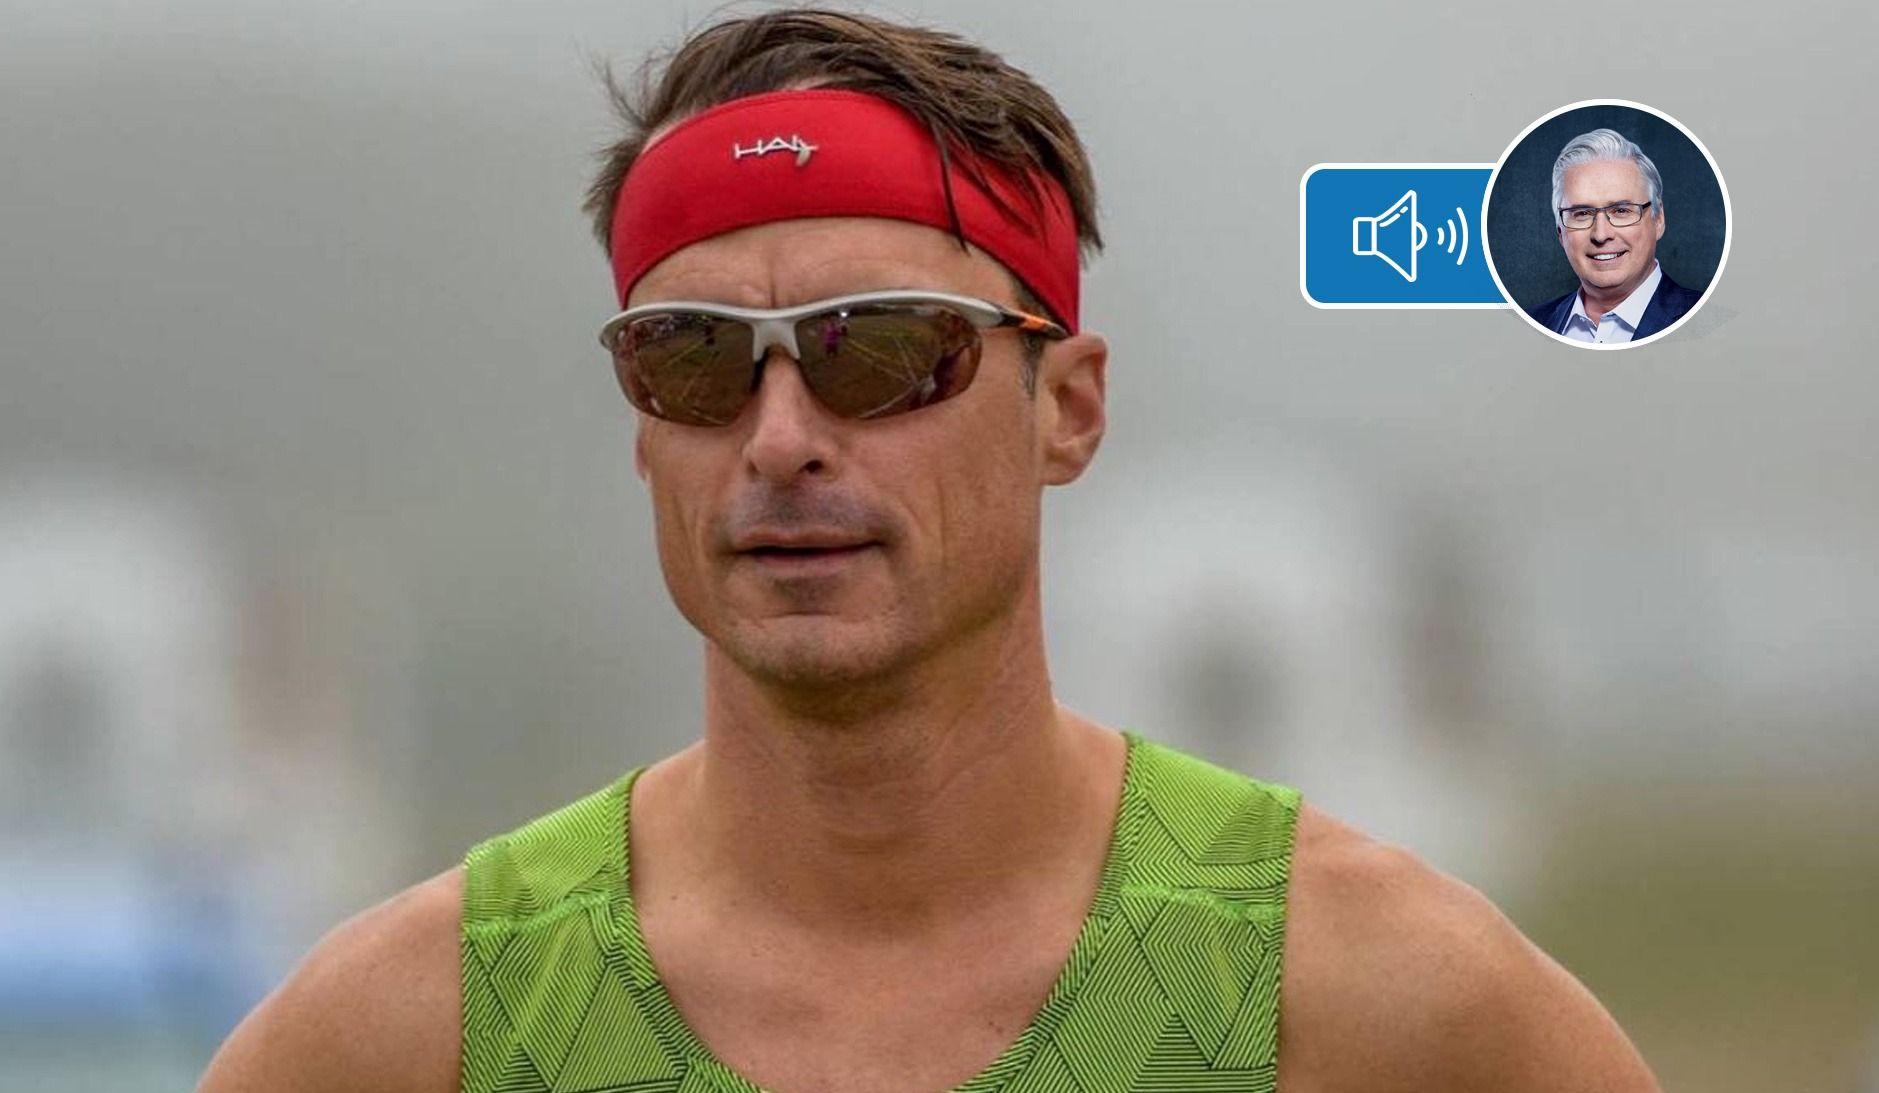 Un Québécois va courir 10 marathons en 10 jours dans 10 provinces